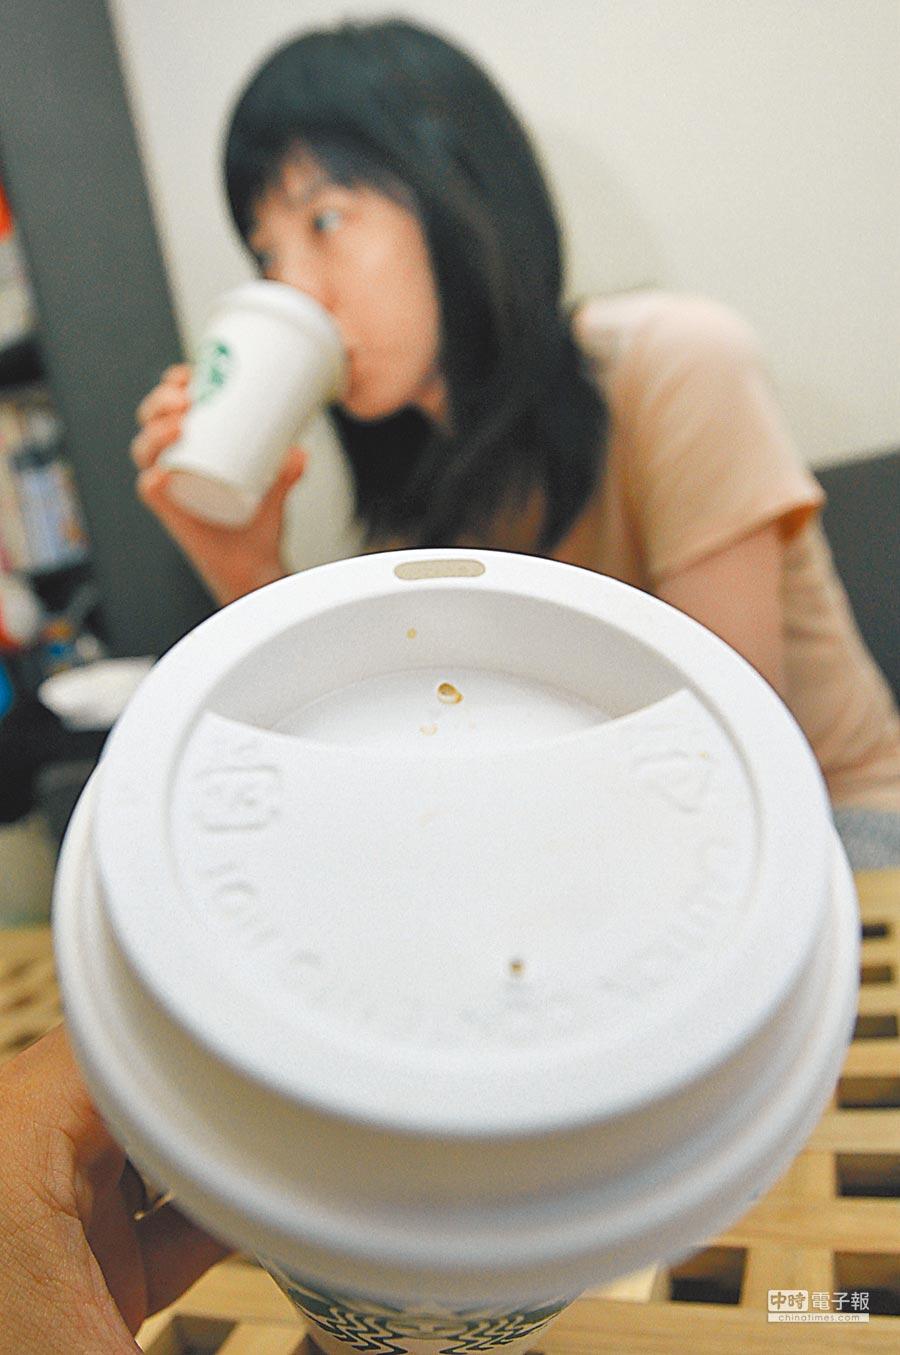 禁用塑膠吸管政策將於7月1日正式上路,但遭立委質疑使用就口杯蓋無法達到真正減塑。(本報資料照片)